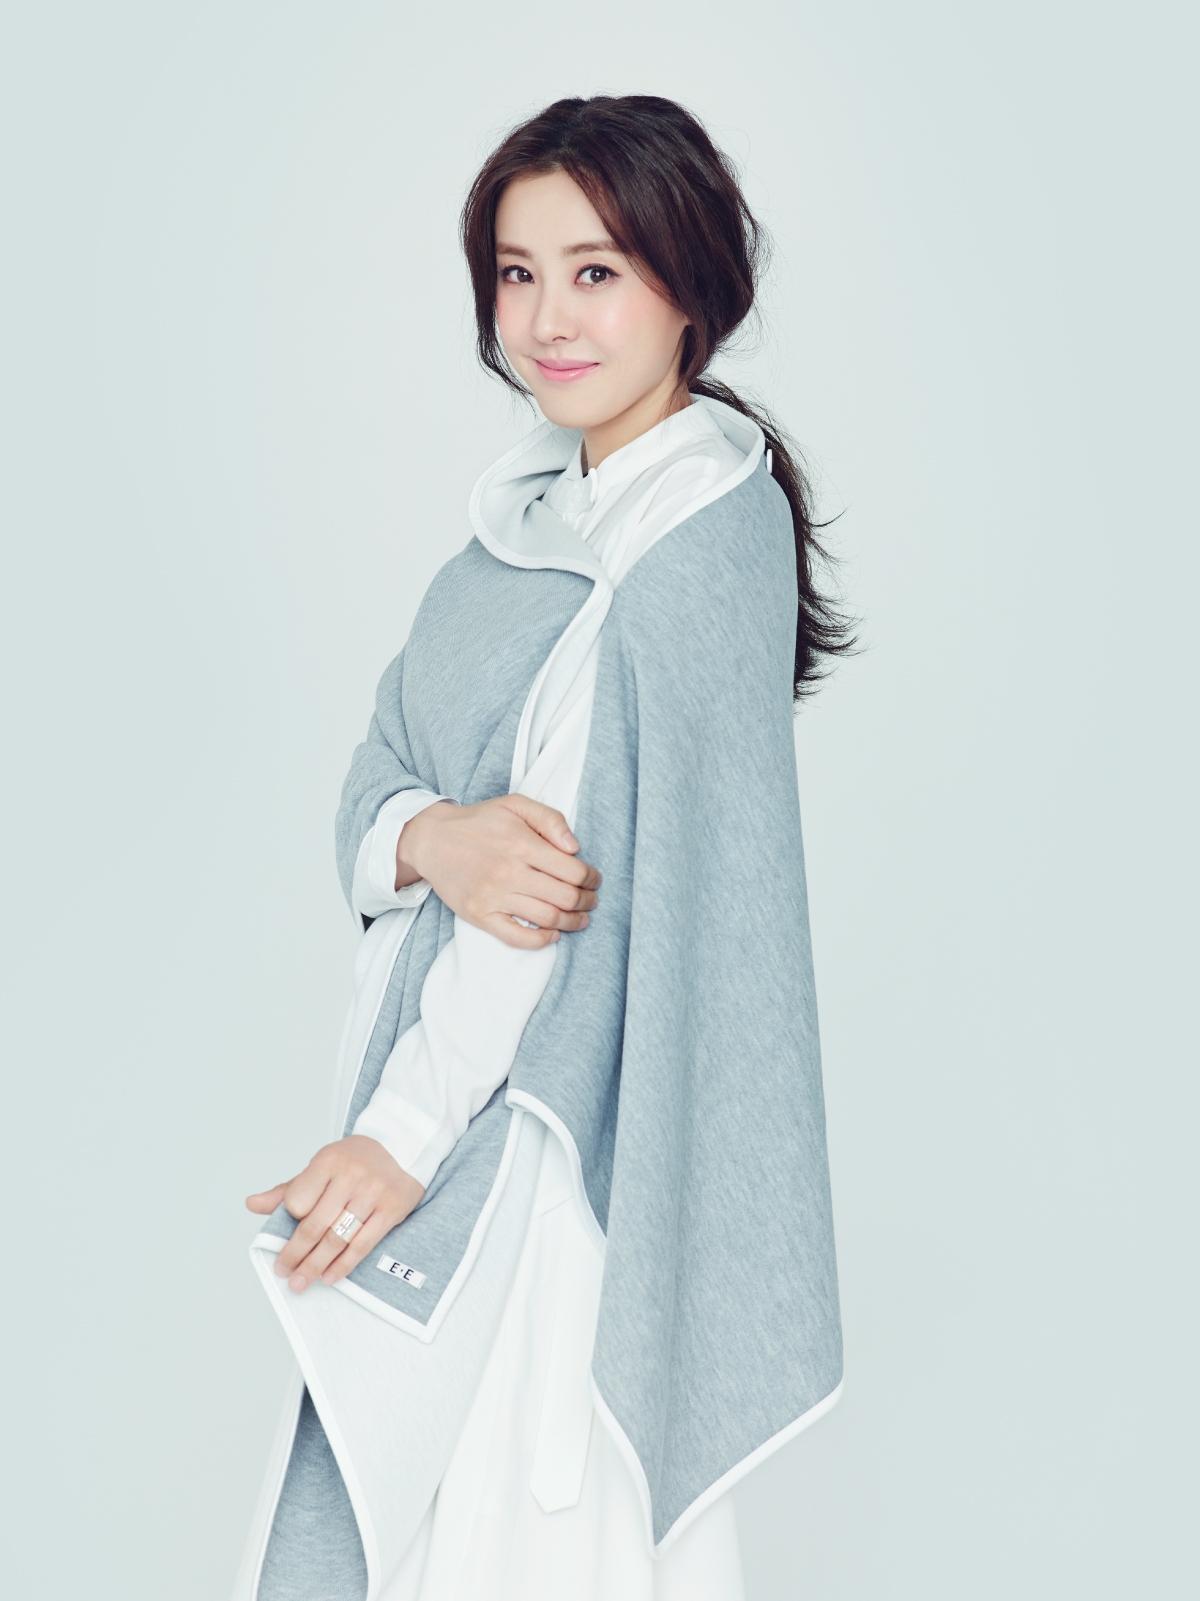 [단독] 박은혜, '홍자매' 손잡는다… tvN 기대작 '환혼' 출연 확정